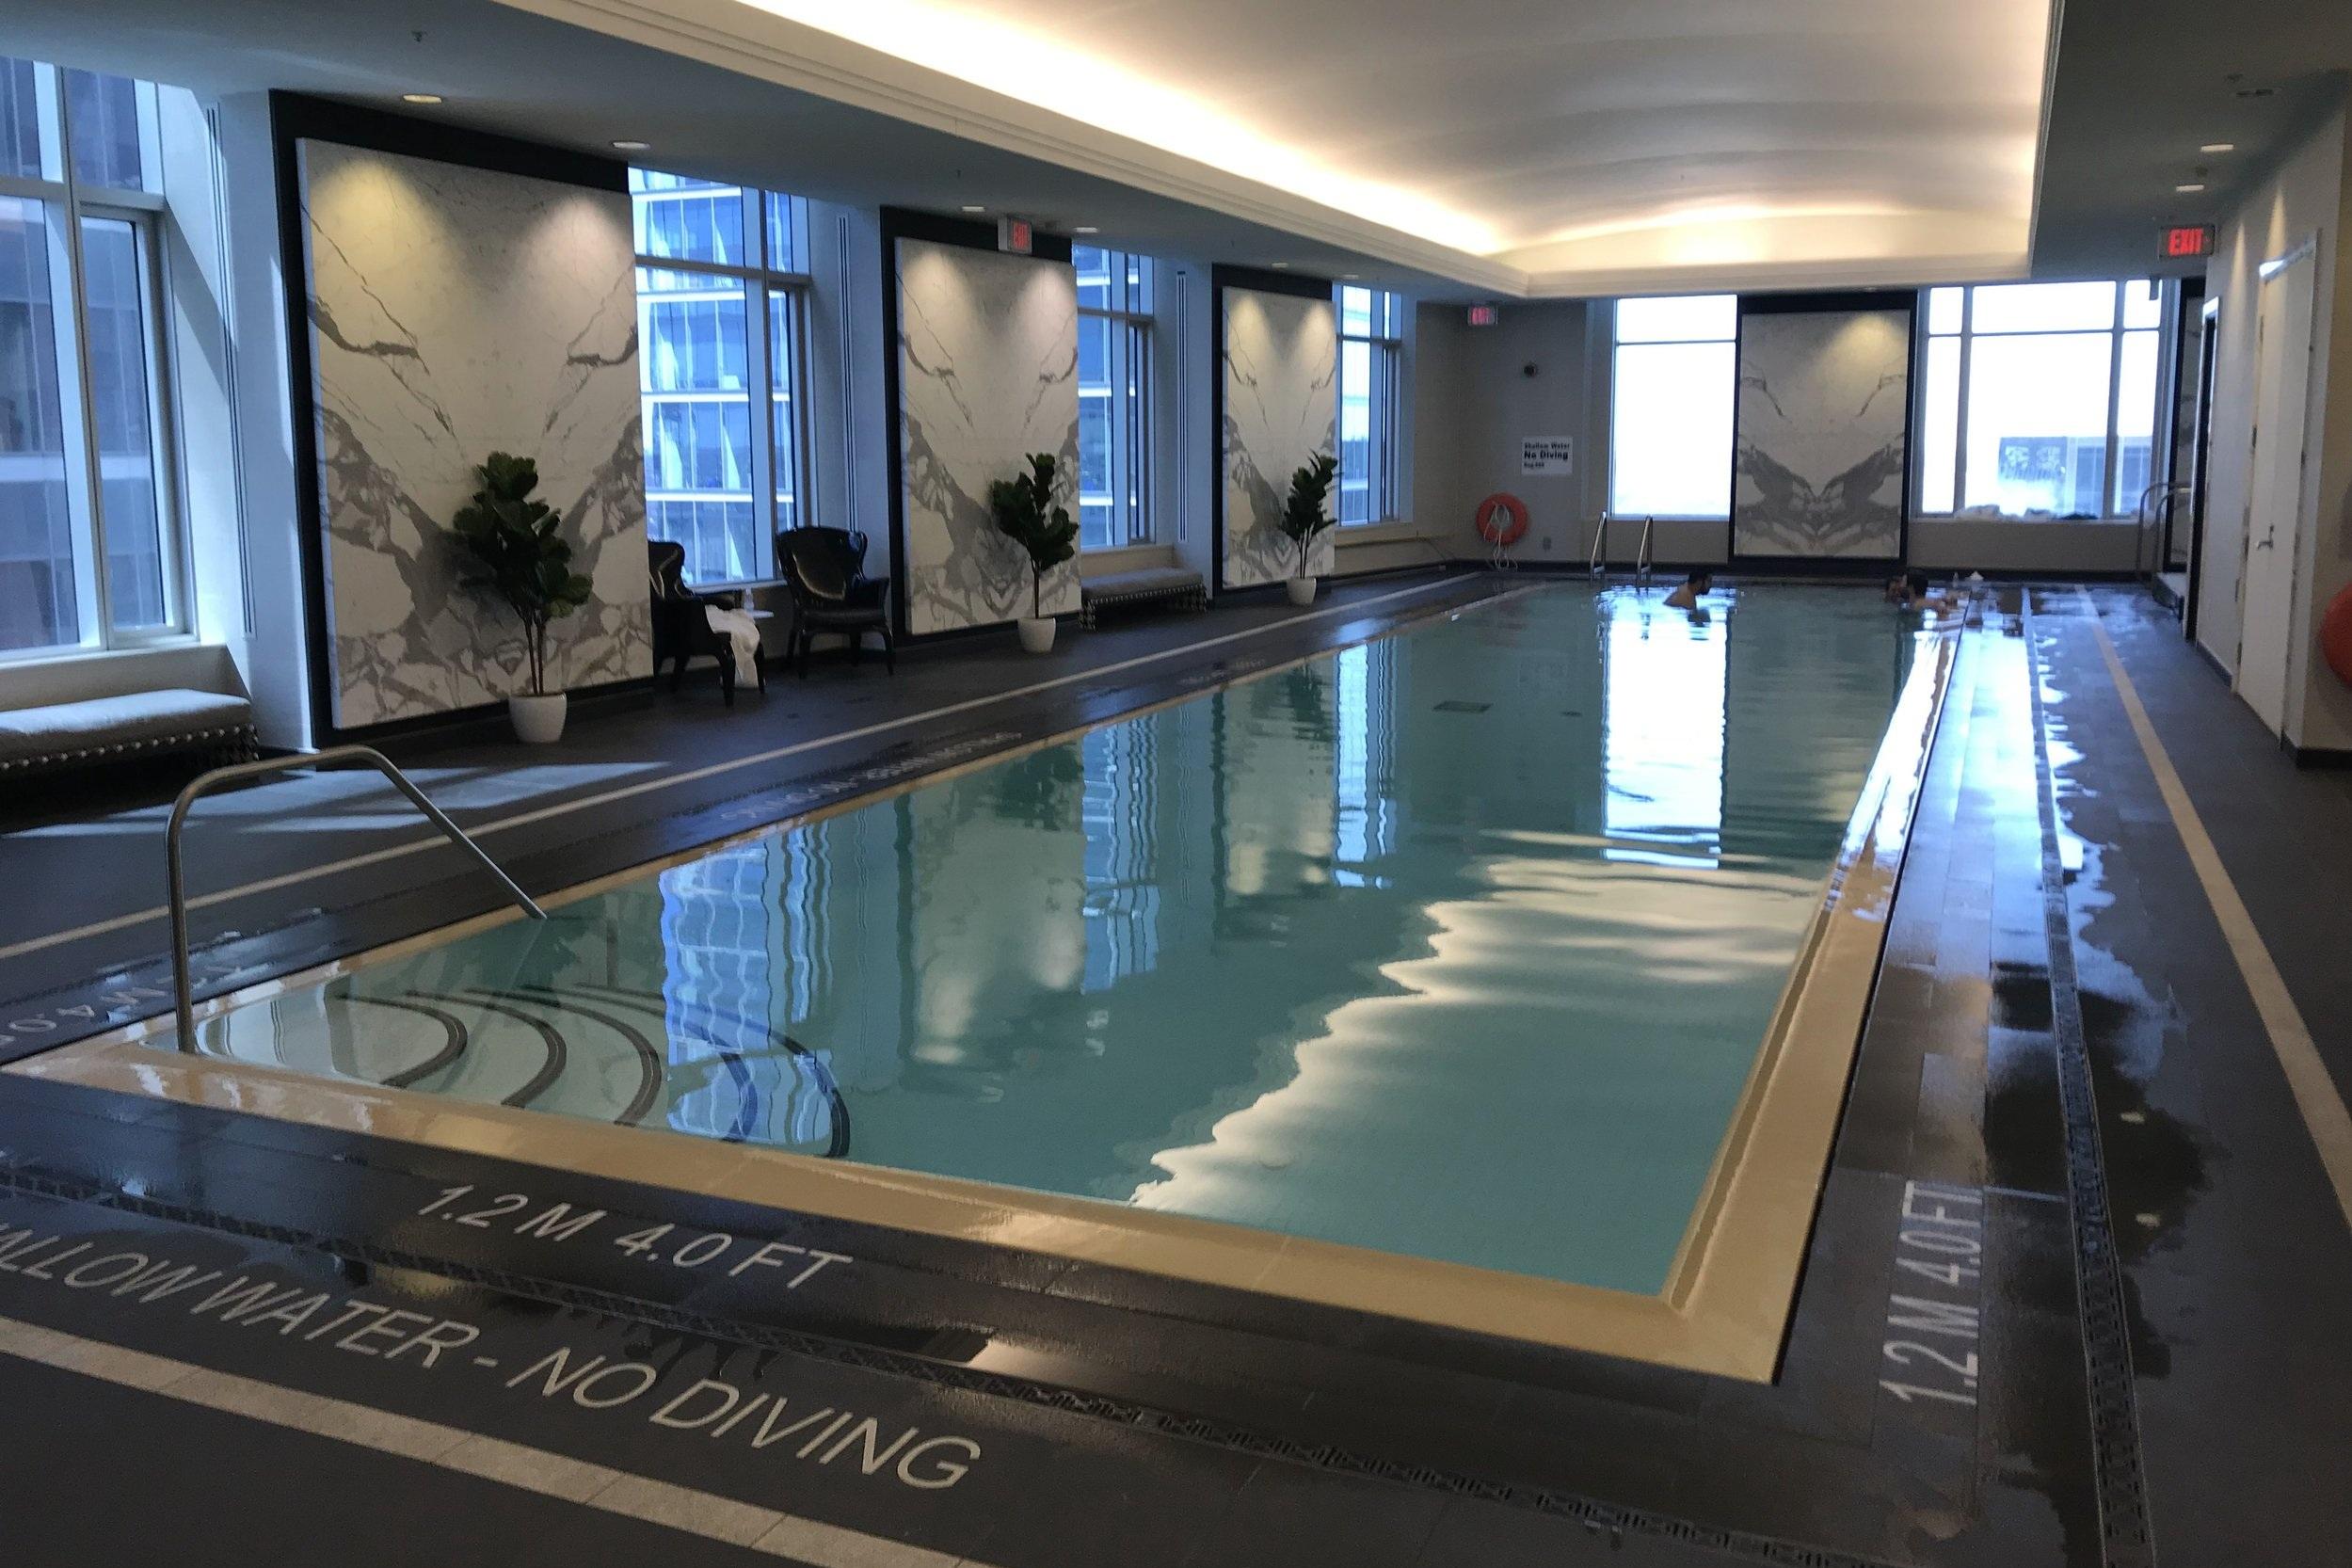 St. Regis Toronto – Indoor pool